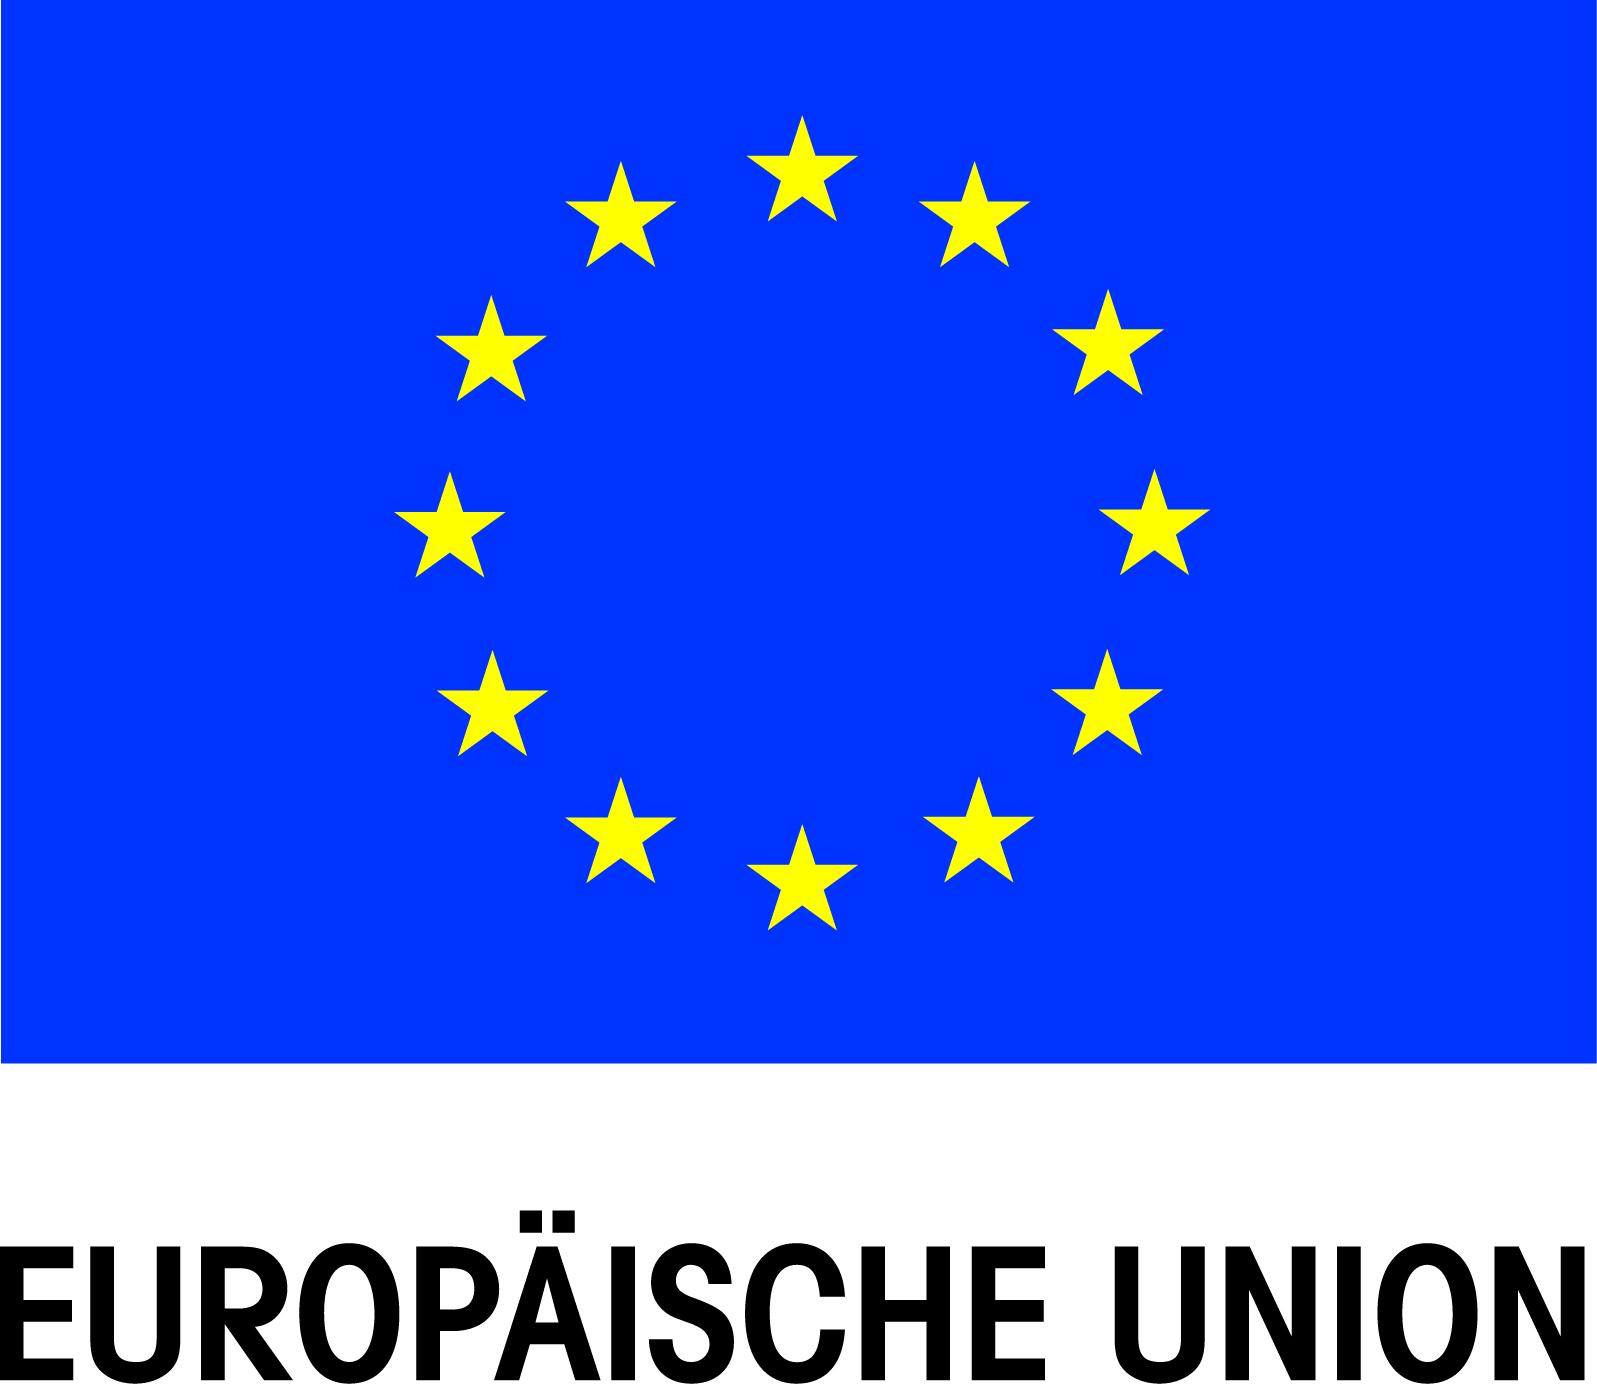 EU-Emblem_mit_Schriftzug_Europäische_Union.jpg